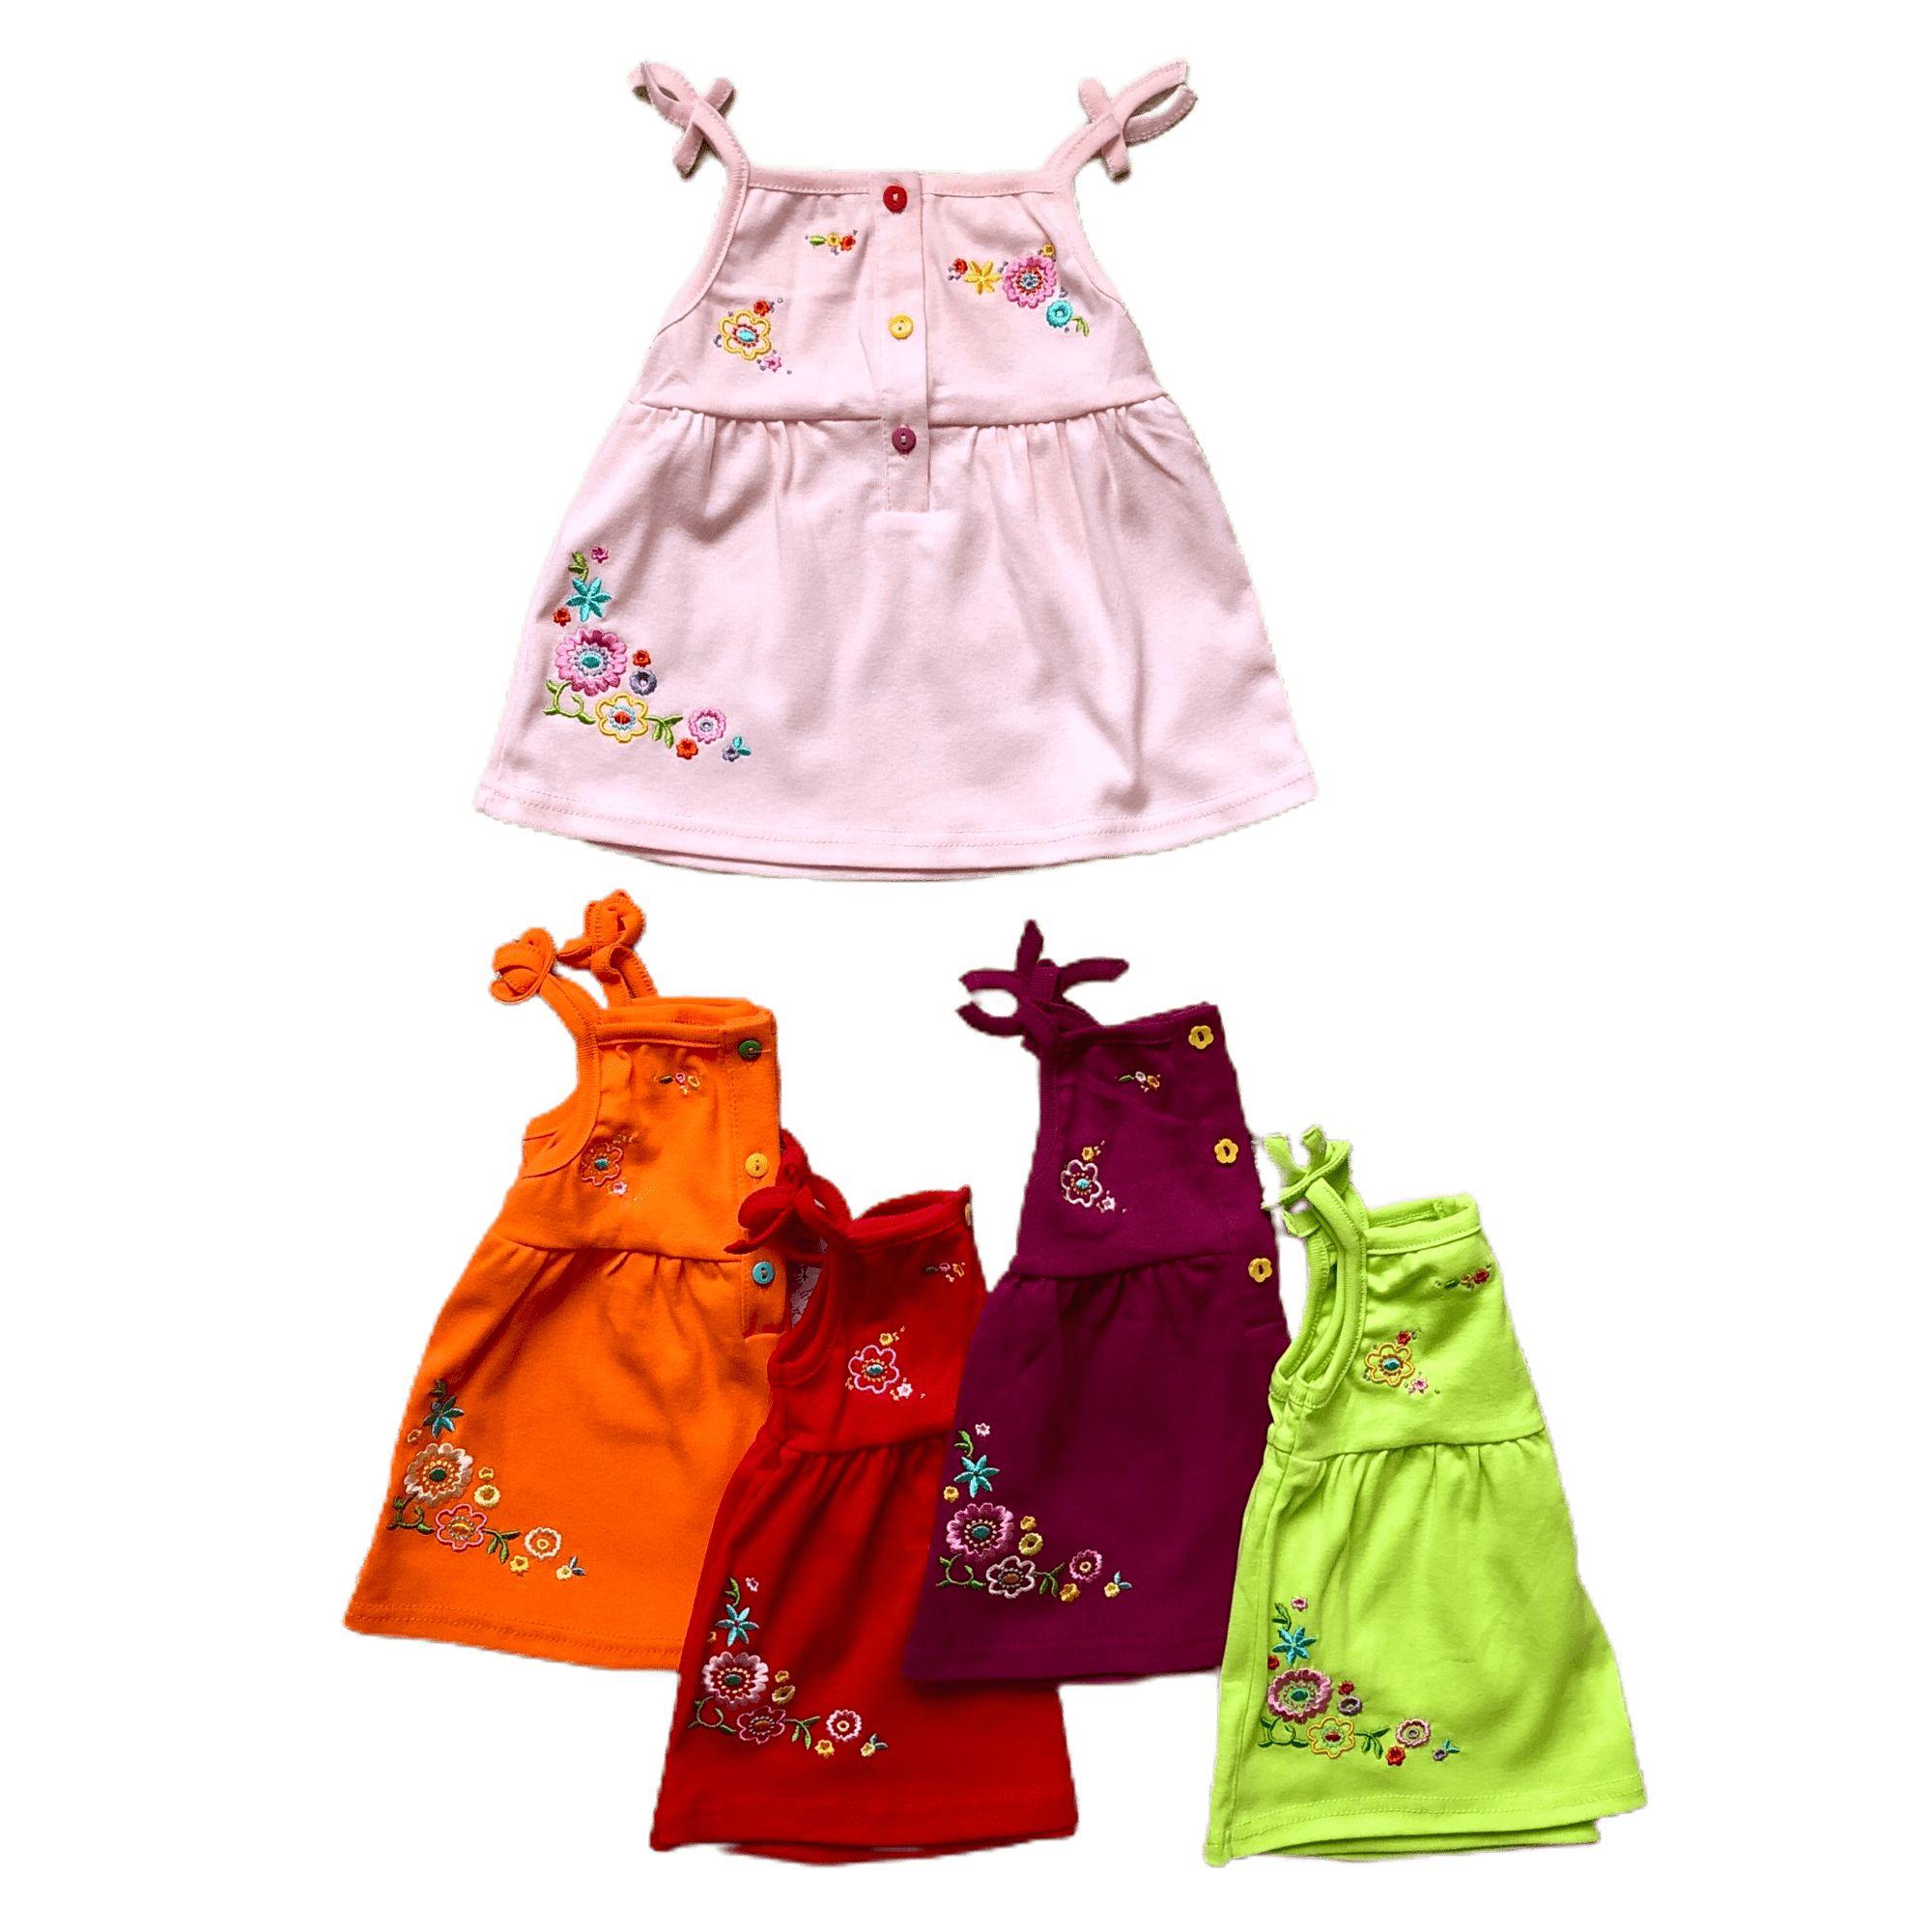 Дитячі трикотажні сукні купуйте оптом не за всі гроші